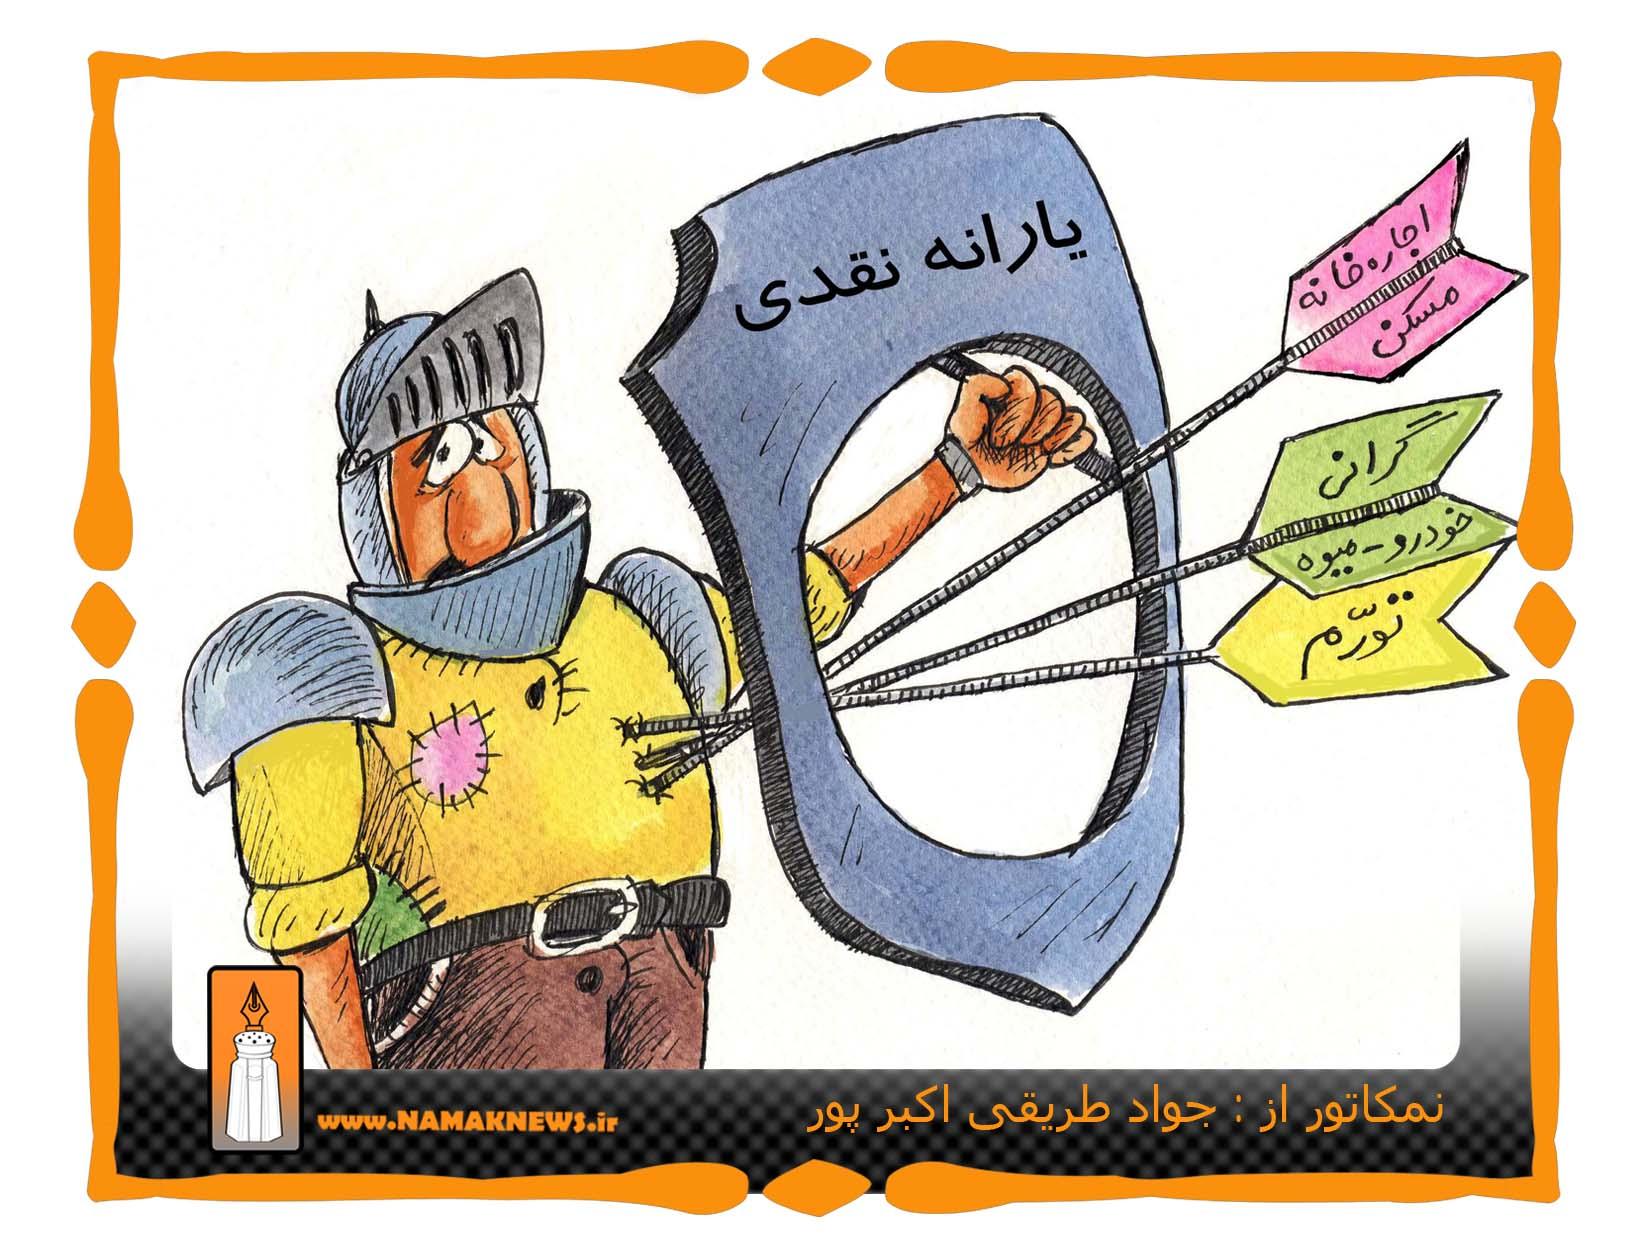 261724 433 - دولت با مردم چه می کند؟ / مجلسی ها جلوی اجرای فاز دوم هدفمندی را بگیرند